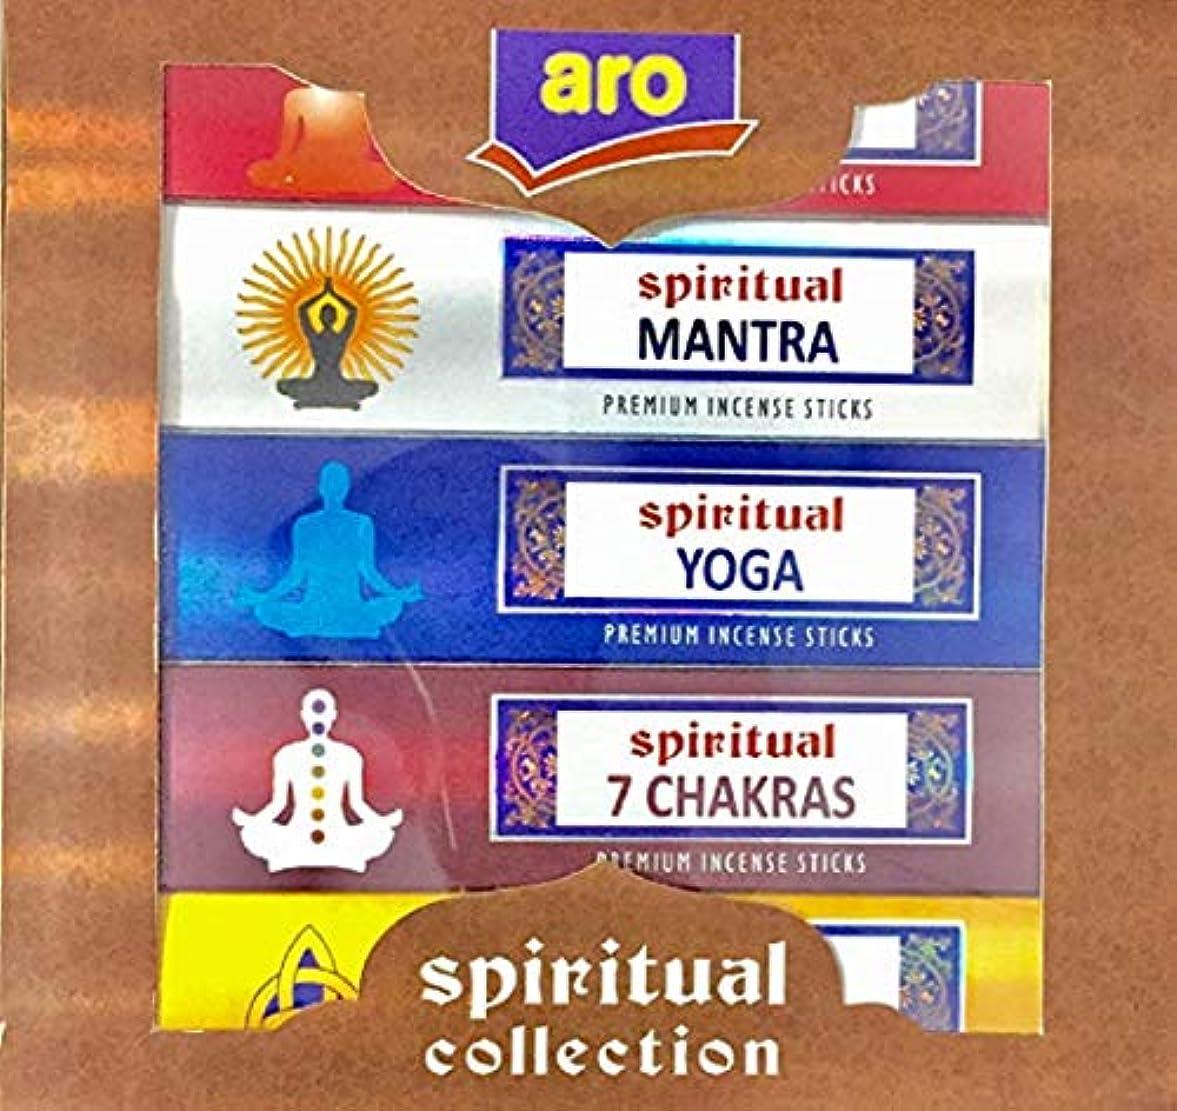 オプション不正確免除Aro – SpiritualコレクションプレミアムIncense Sticks – Spiritual Guru、Spiritual Mantra Spiritualヨガ、Spiritual、7チャクラ、& Spiritual...